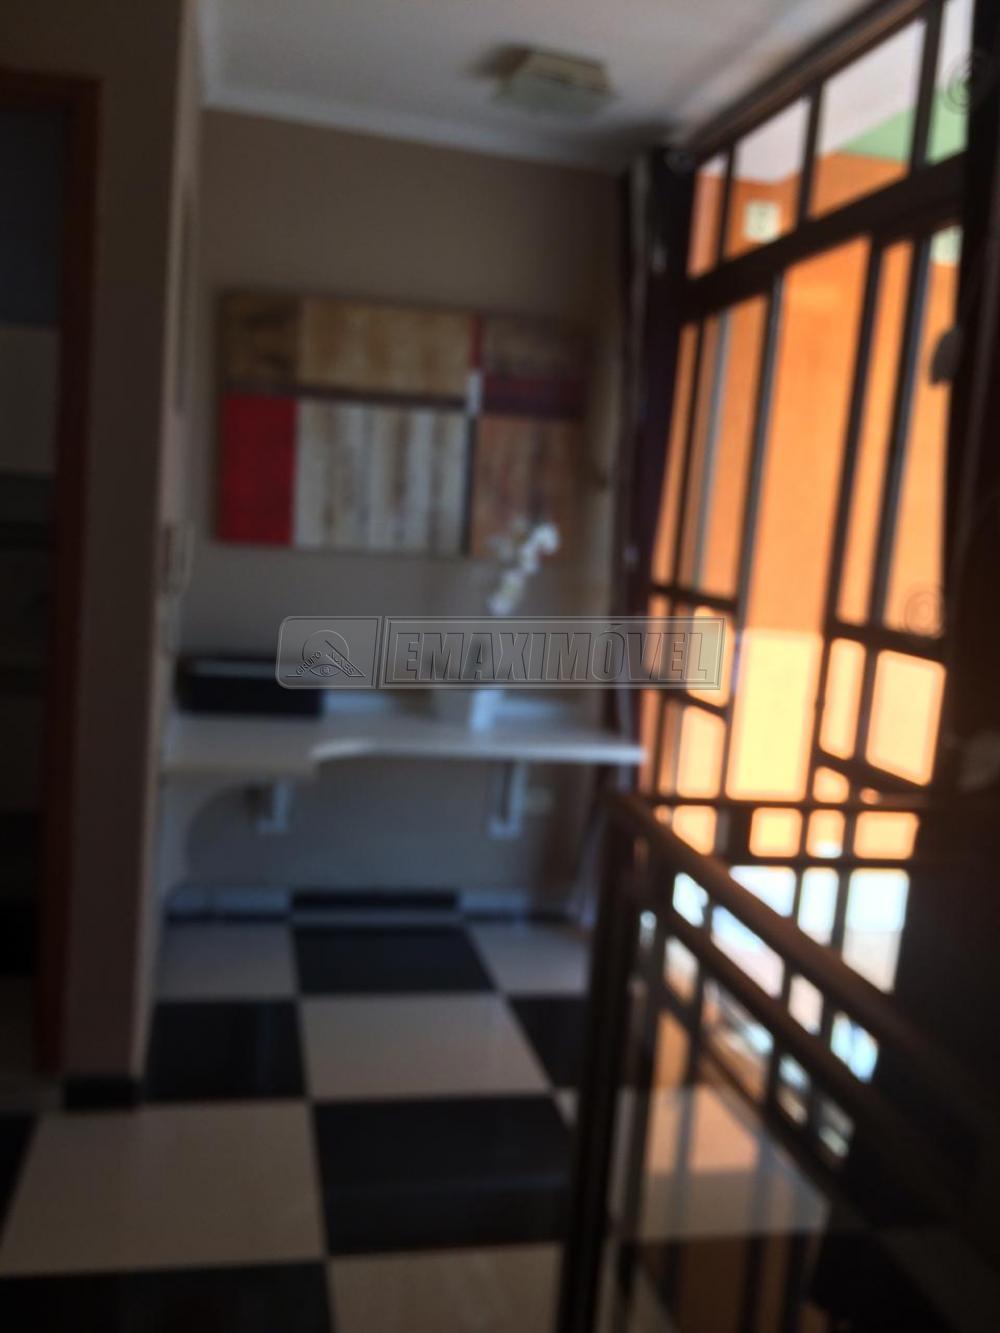 Alugar Apartamentos / Apto Padrão em Sorocaba apenas R$ 4.000,00 - Foto 3